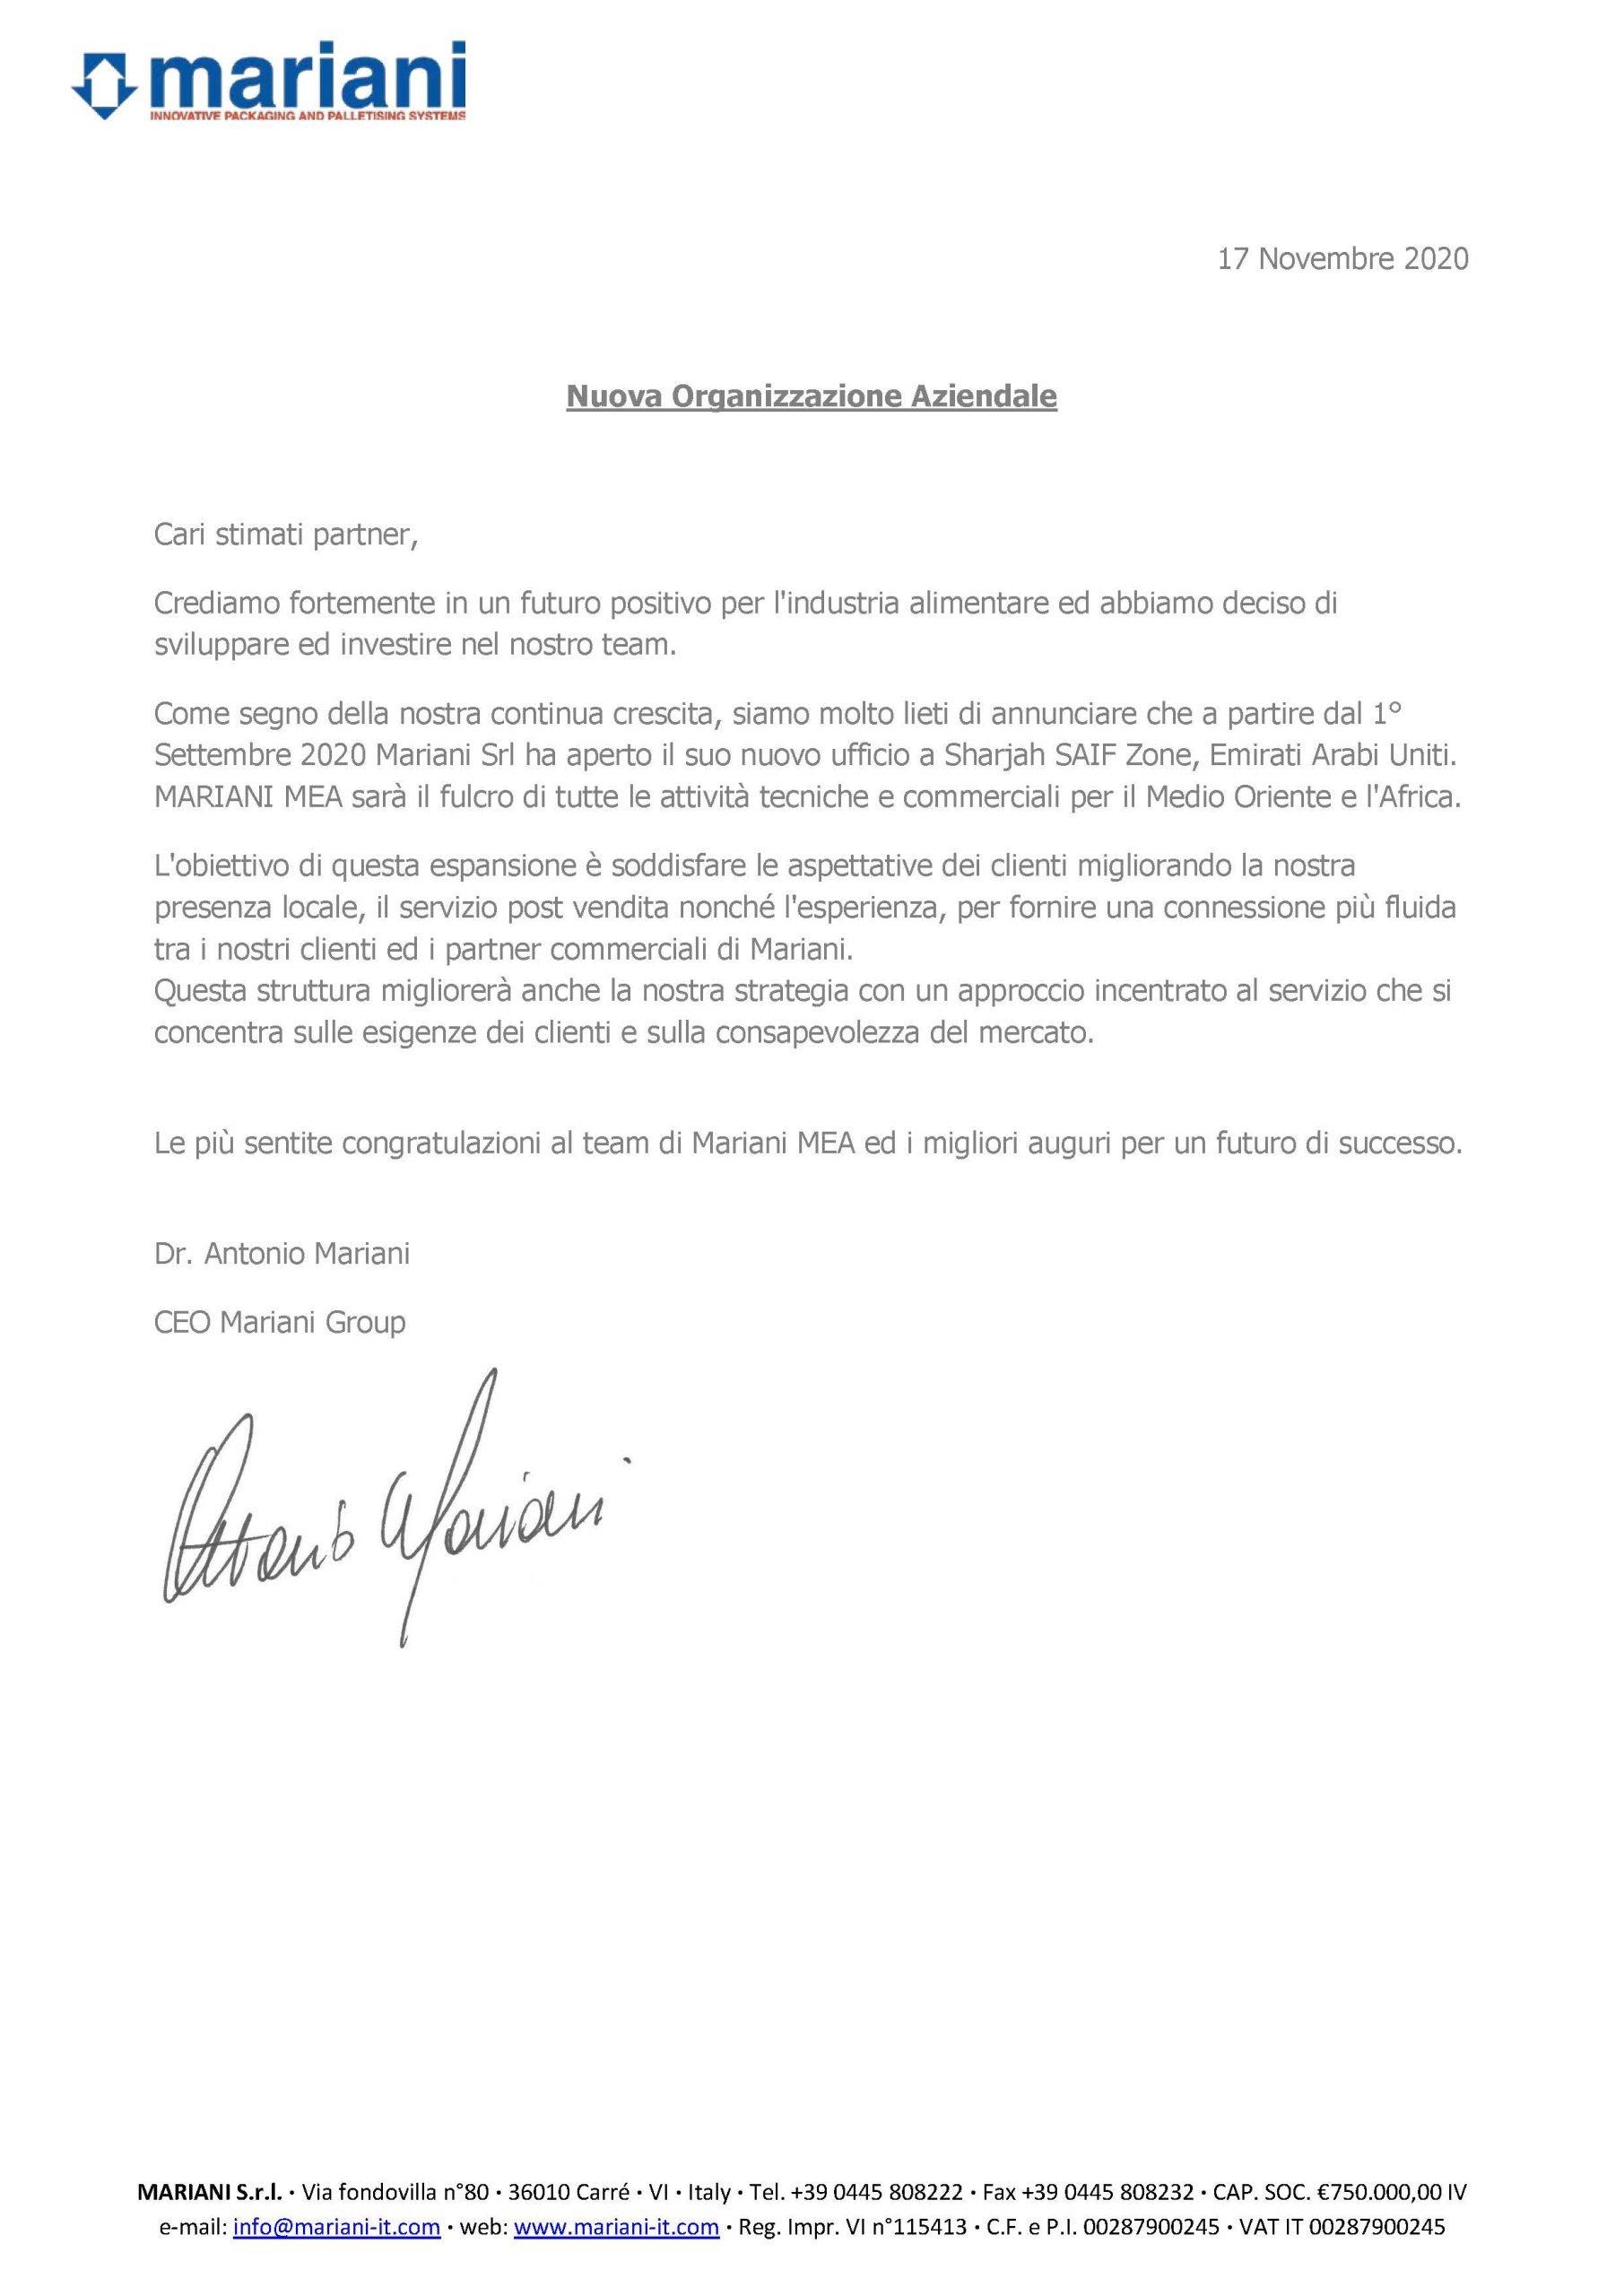 Nuova organizzazione aziendale - Mariani Srl